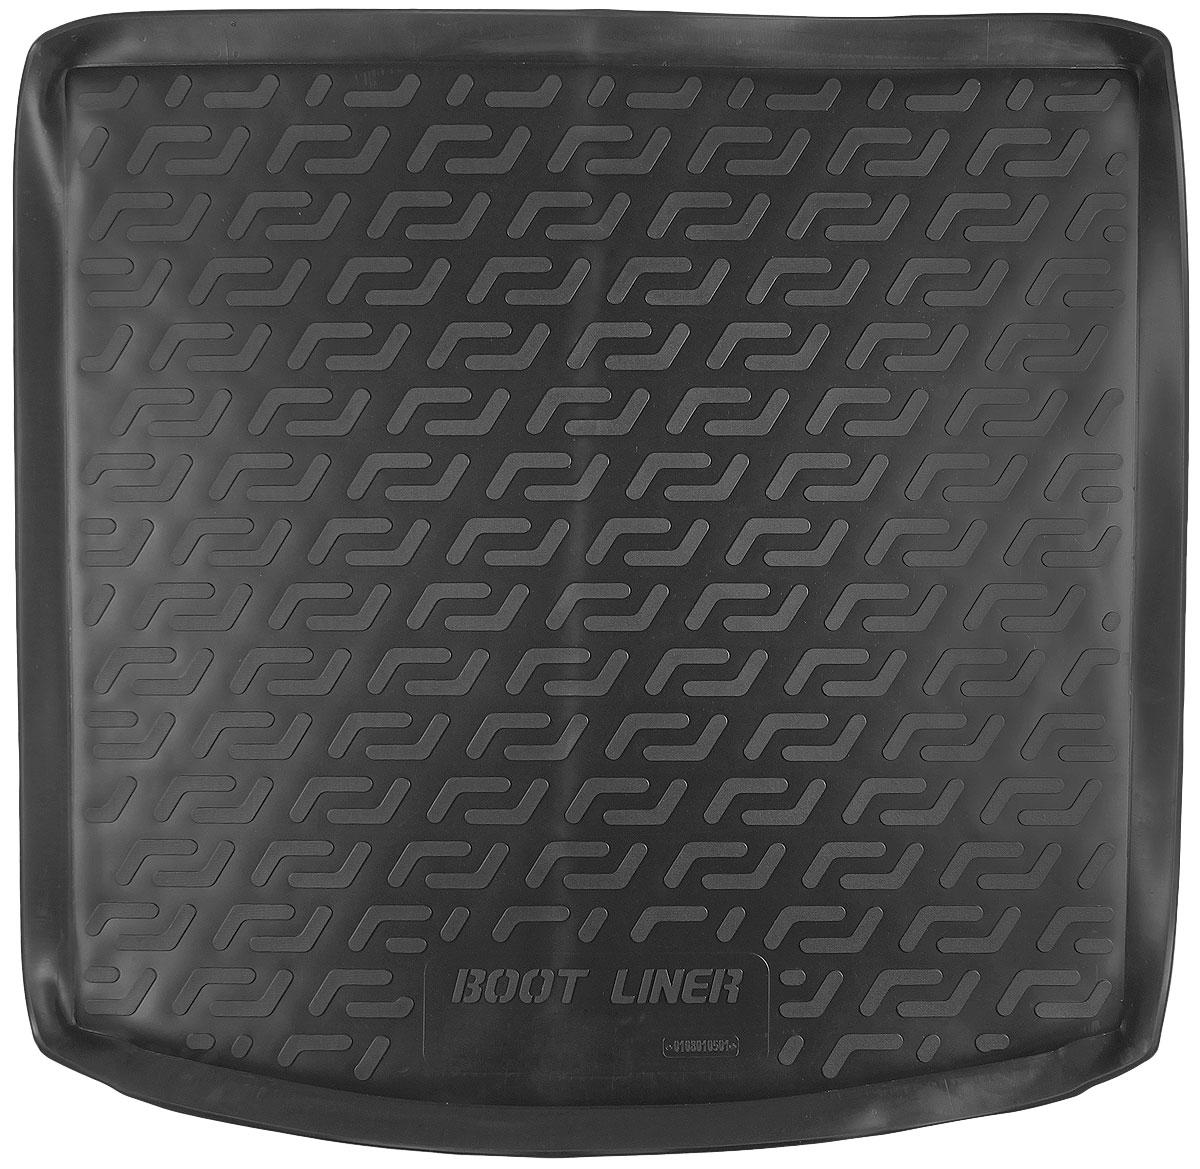 Коврик в багажник L.Locker, для Mitsubishi Outlander III (12-) box0108010501Коврик L.Locker производится индивидуально для каждой модели автомобиля из современного и экологически чистого материала. Изделие точно повторяет геометрию пола автомобиля, имеет высокий борт, обладает повышенной износоустойчивостью, антискользящими свойствами, лишен резкого запаха и сохраняет свои потребительские свойства в широком диапазоне температур (от -50°С до +80°С).